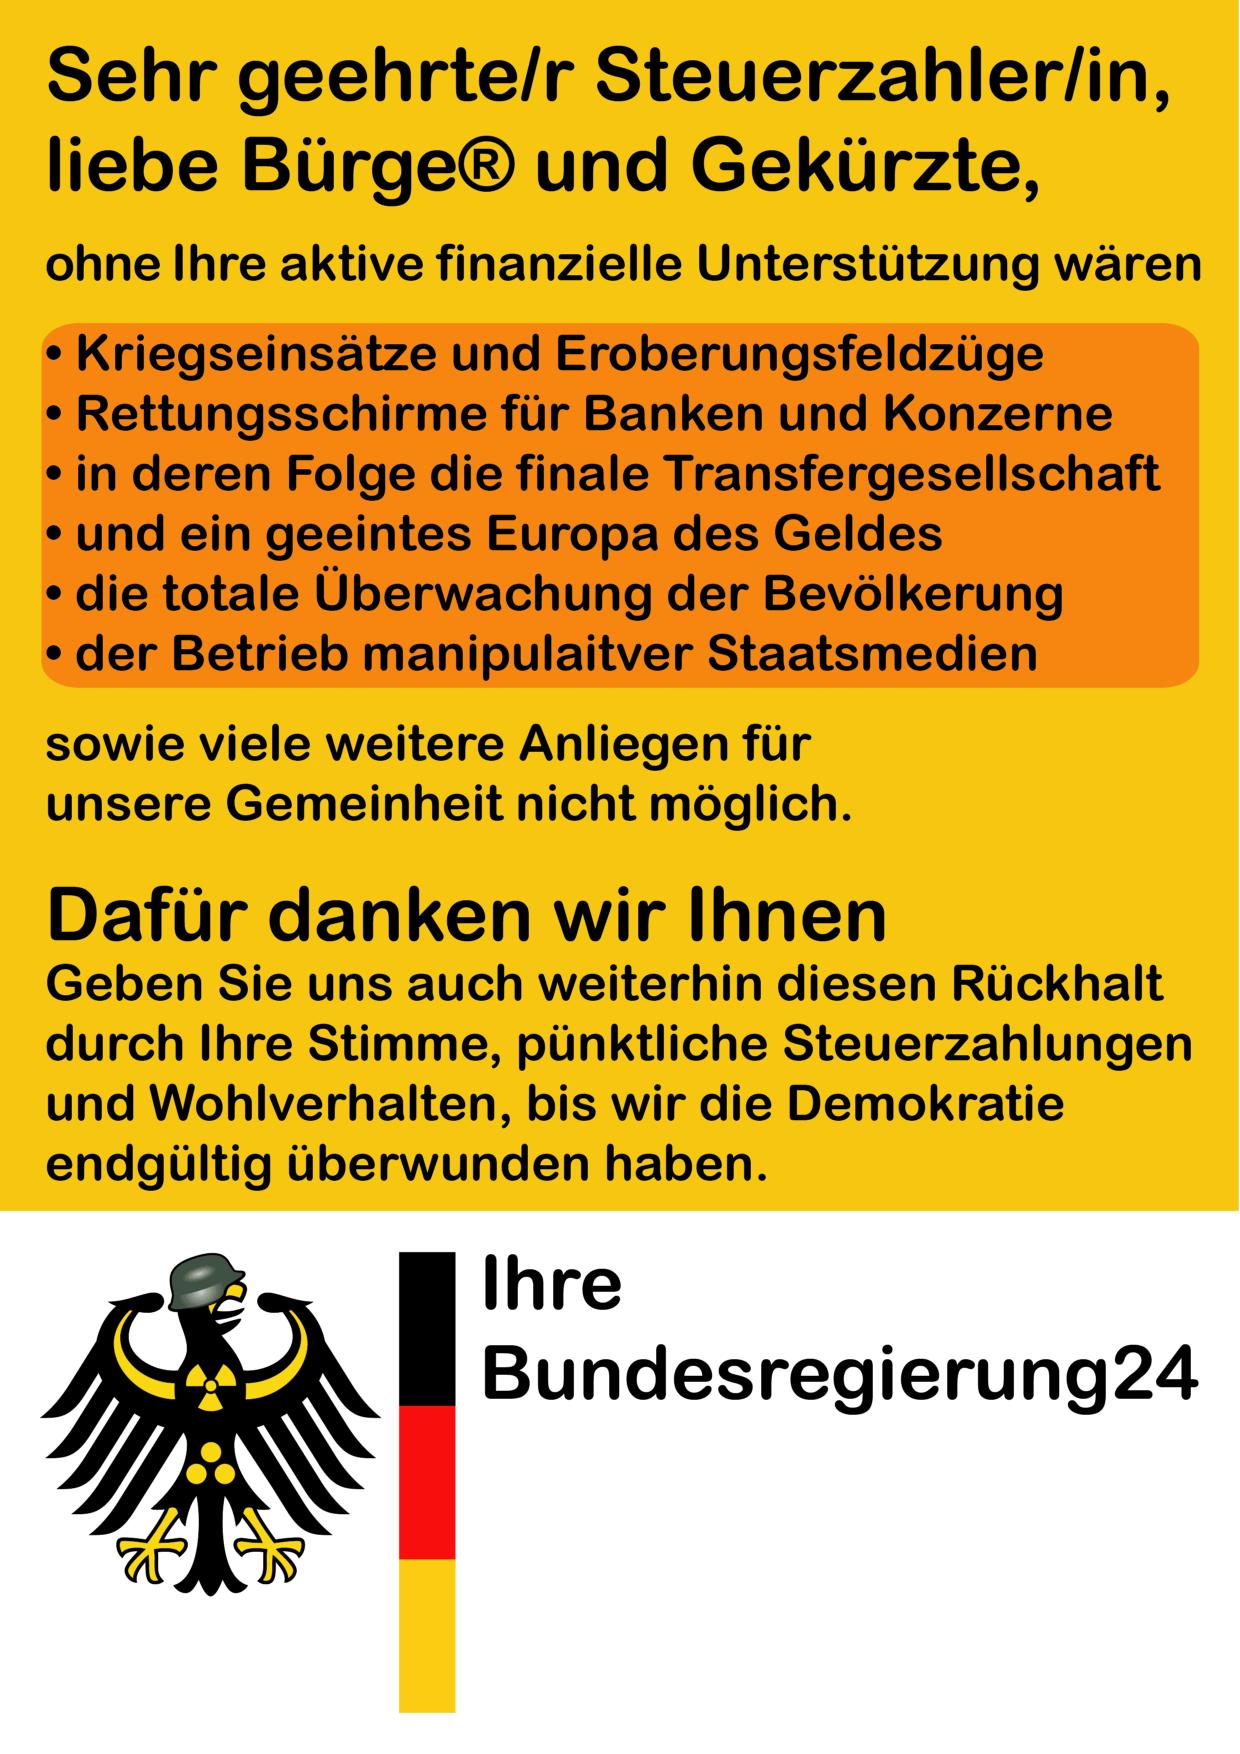 Merkels aufrechter Dank an die Bürger Dank-der-Regierung-an-die-Buerger